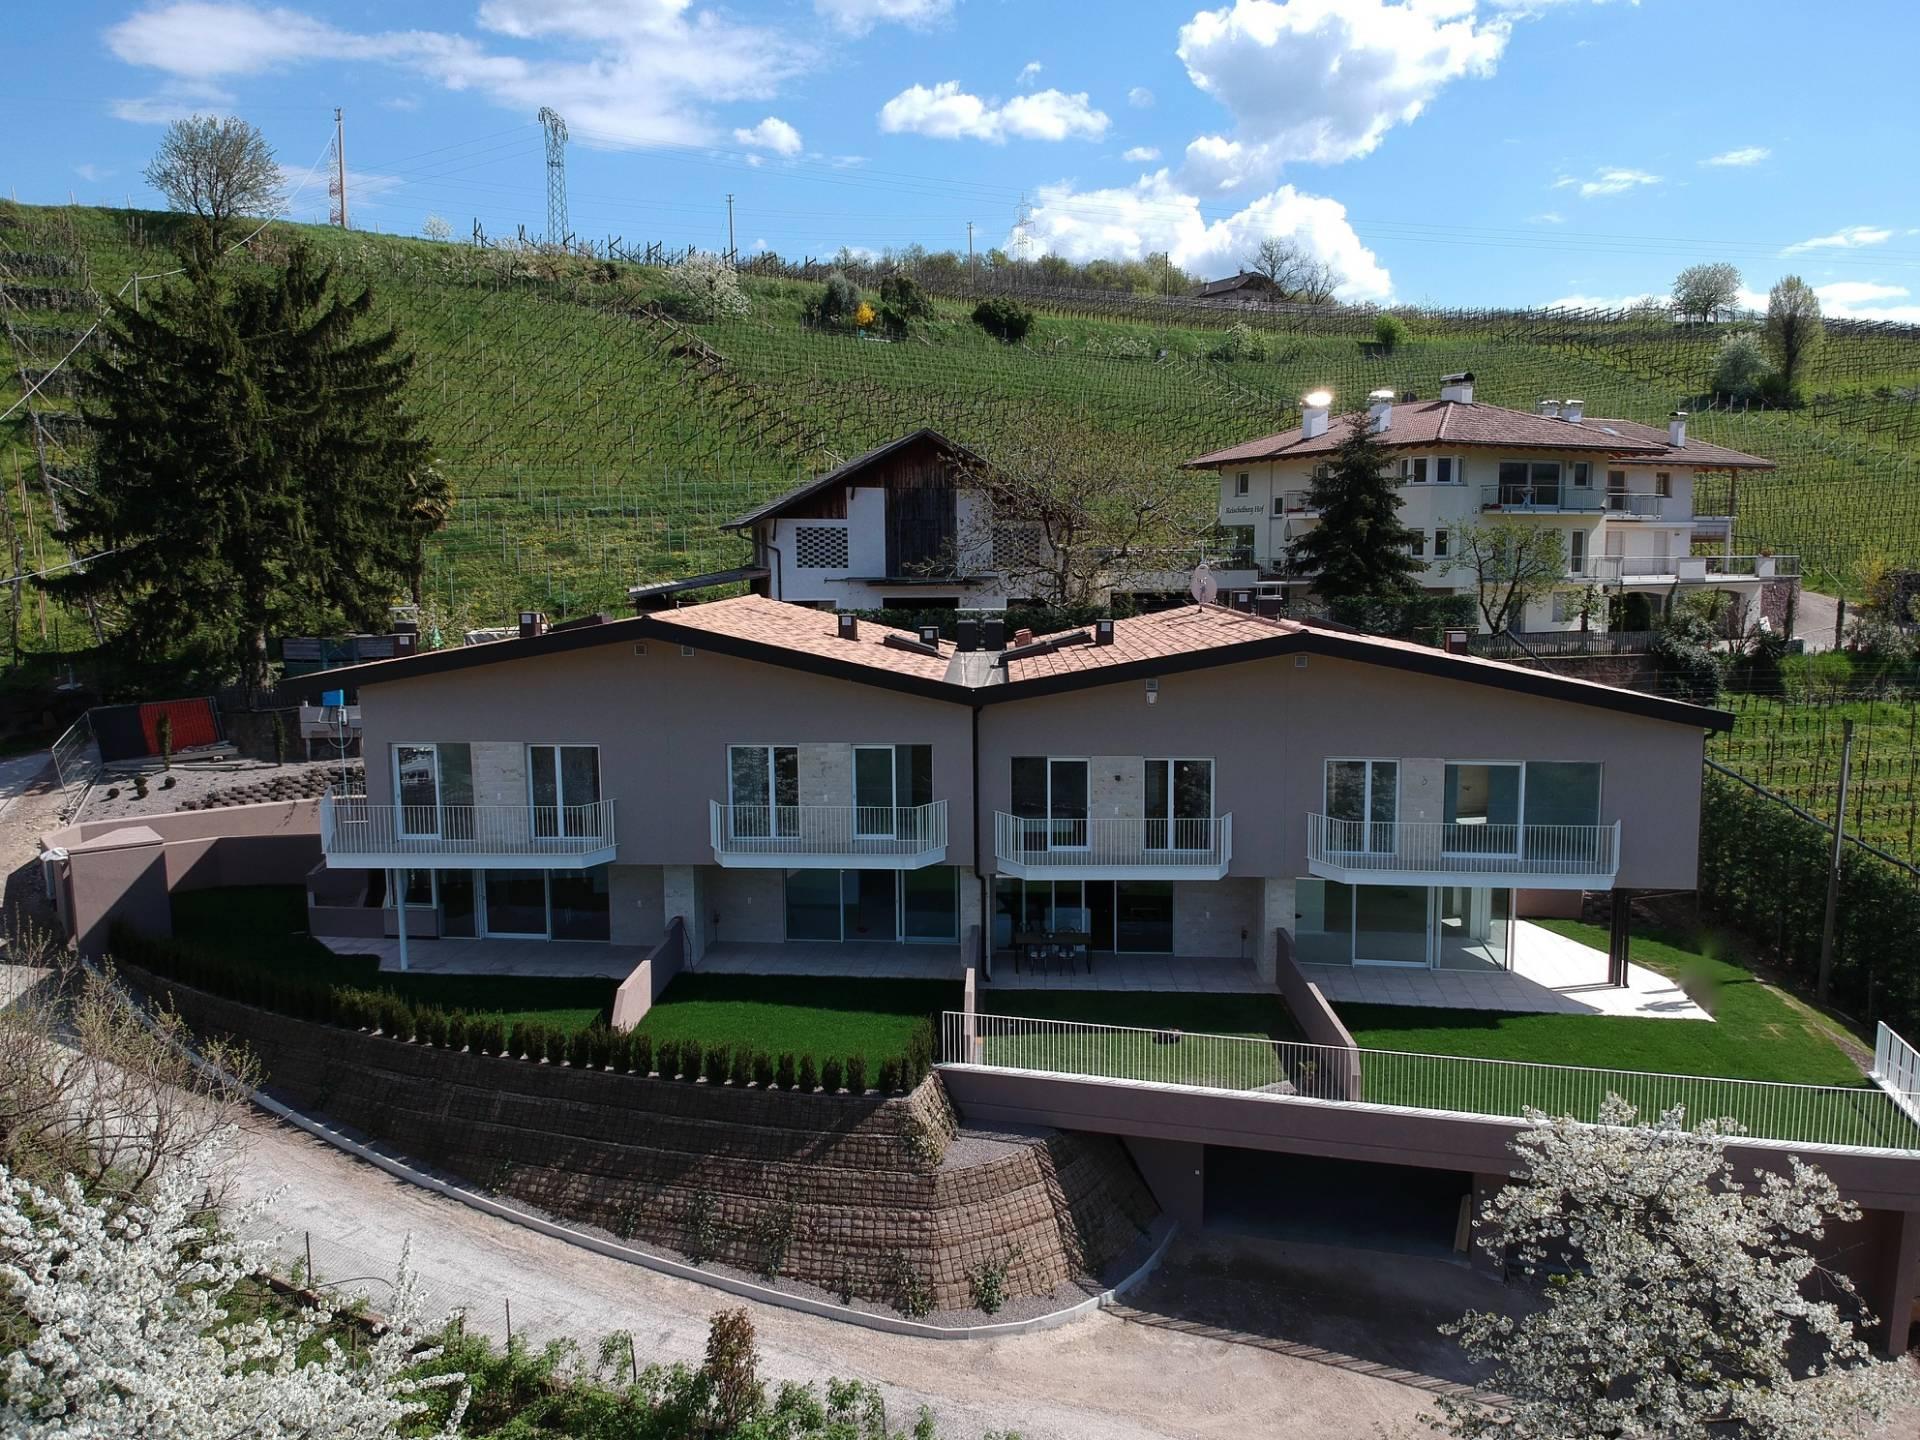 Wohnanlage bis Appiano sulla strada del vino - Eppan an der Weinstrasse